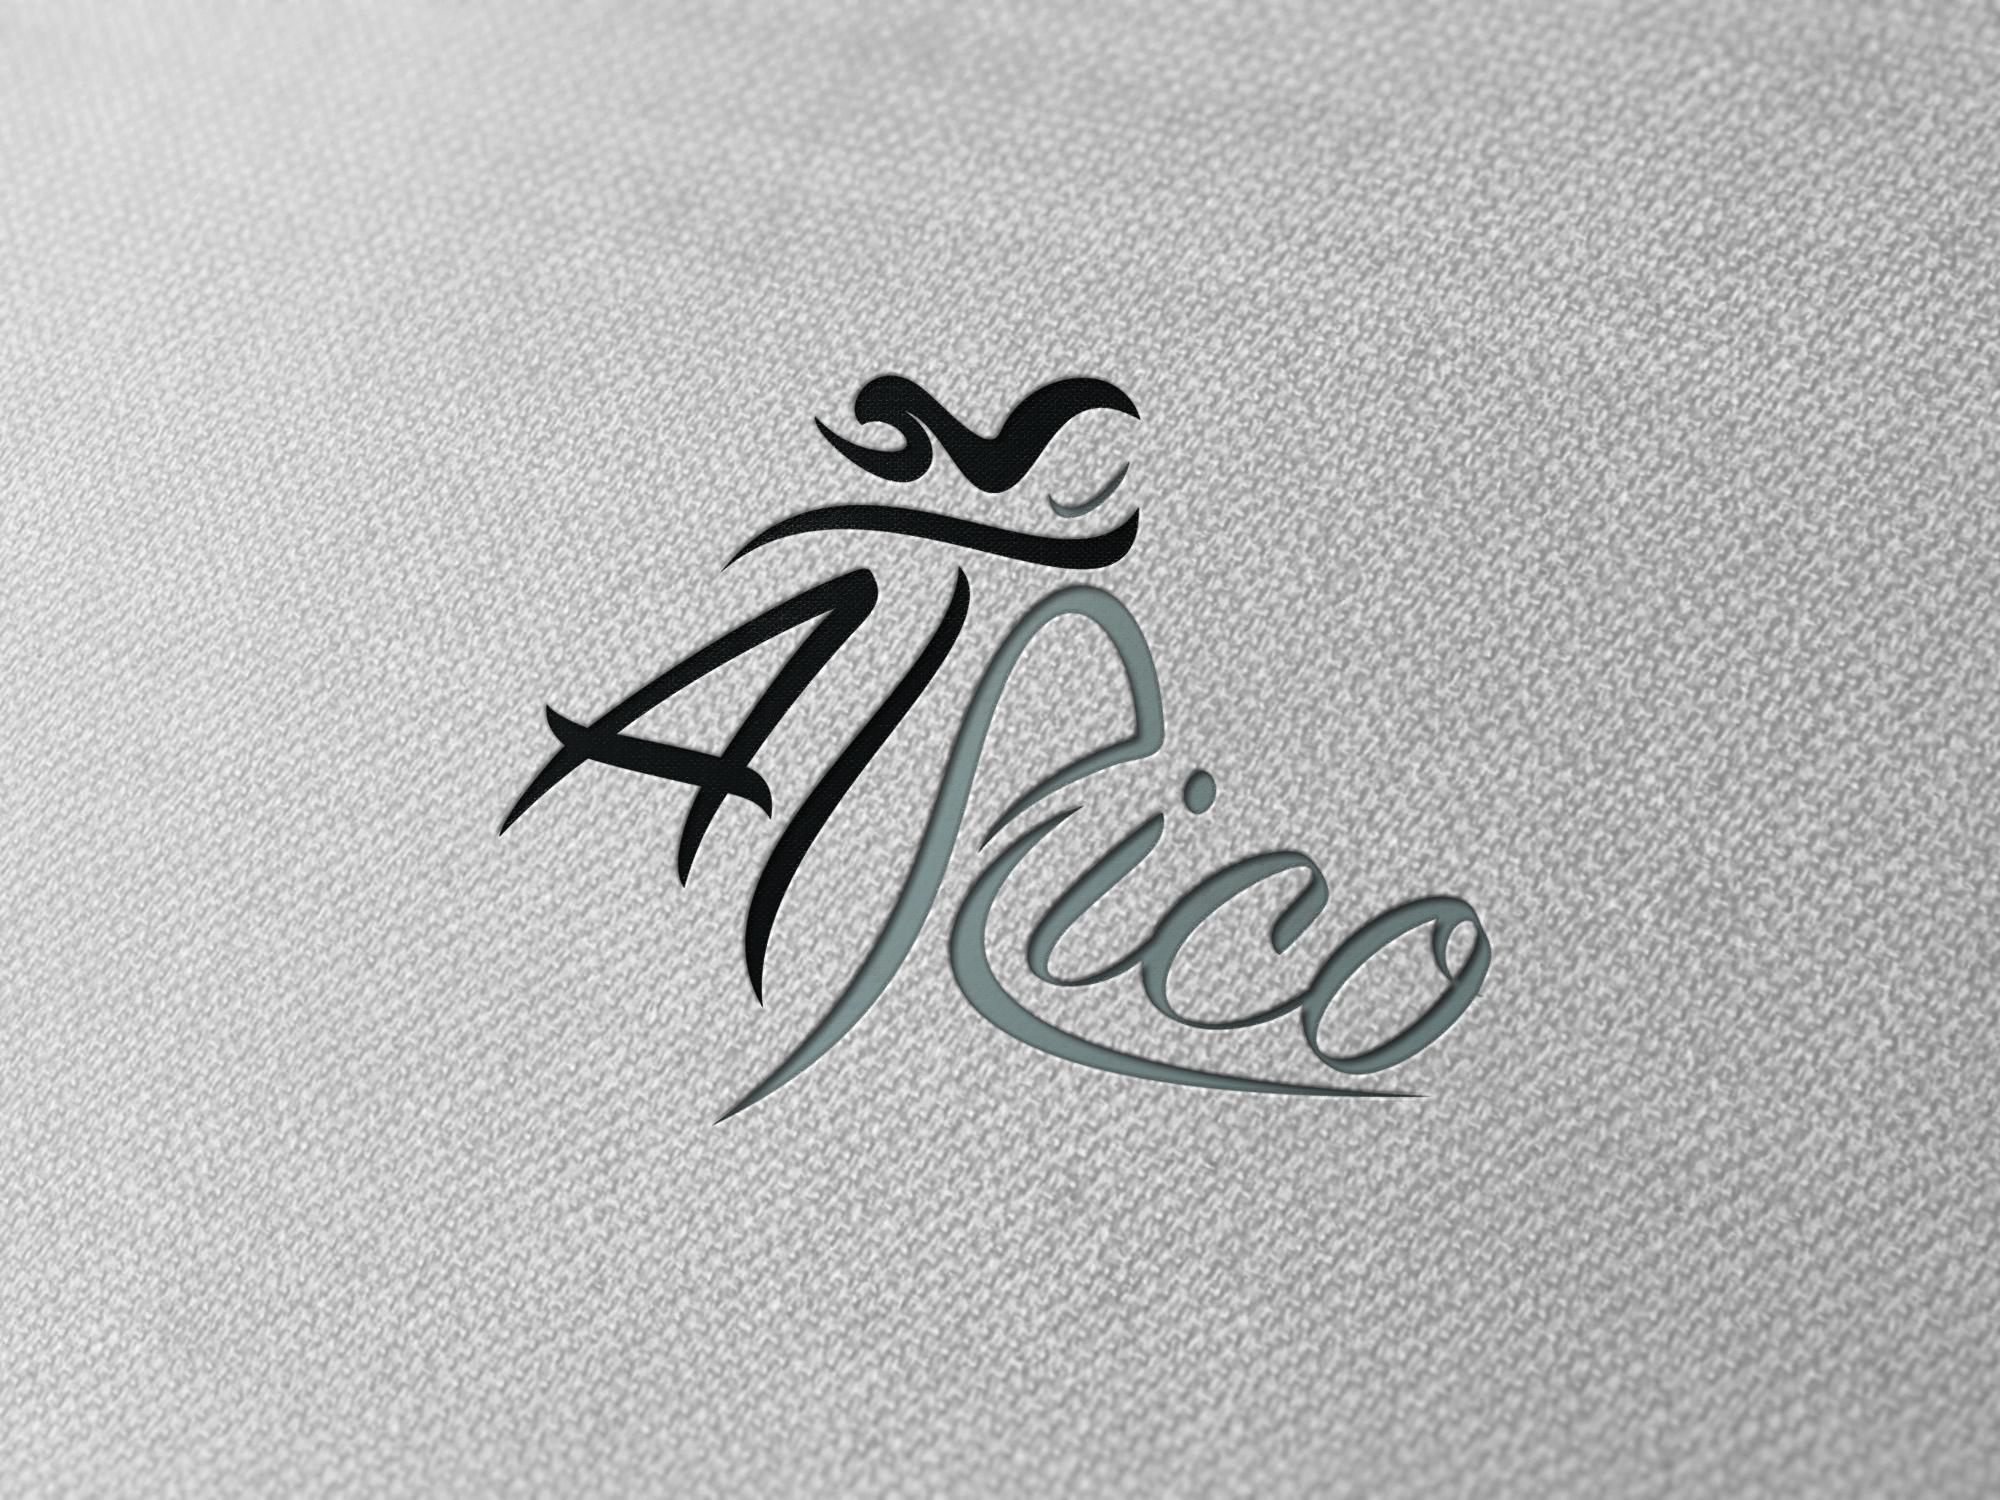 Логотип для брендовой пряжи и трикотажной одежды фото f_01560008f11cac01.jpg